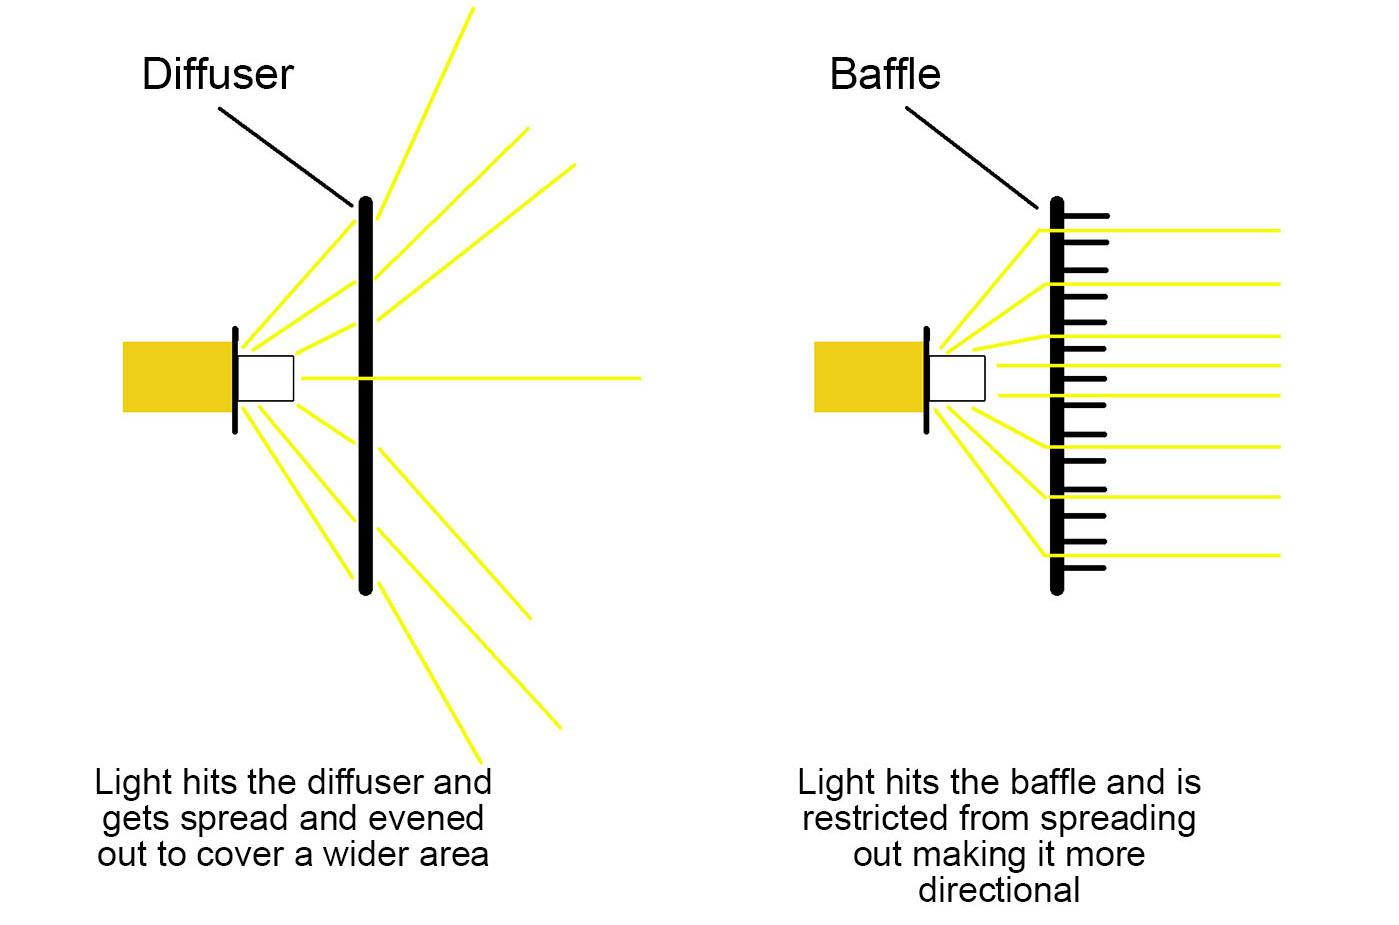 Diffuser vs Baffle